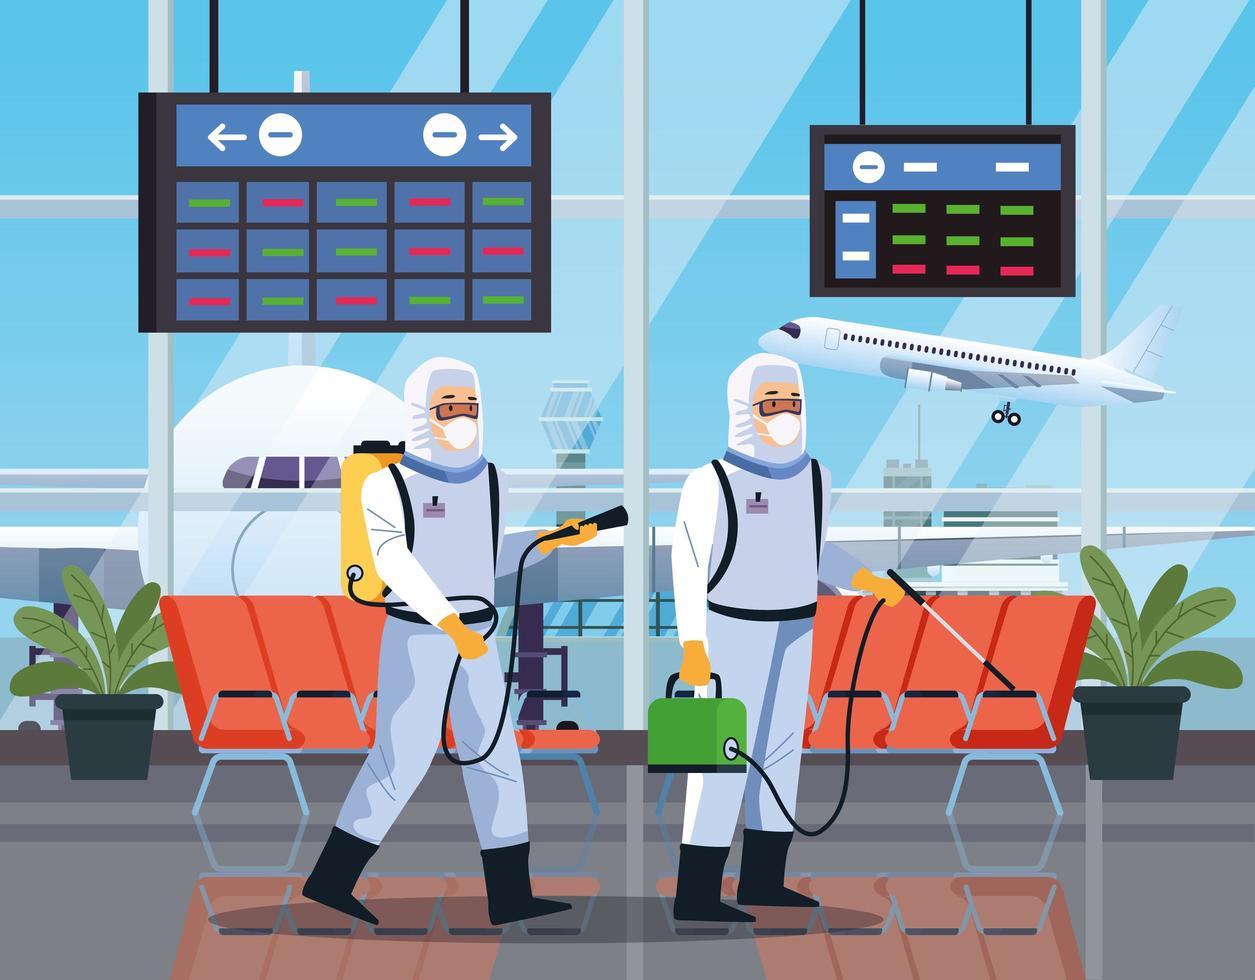 Zwei Biosicherheitsarbeiter desinfizieren den Flughafen vektor